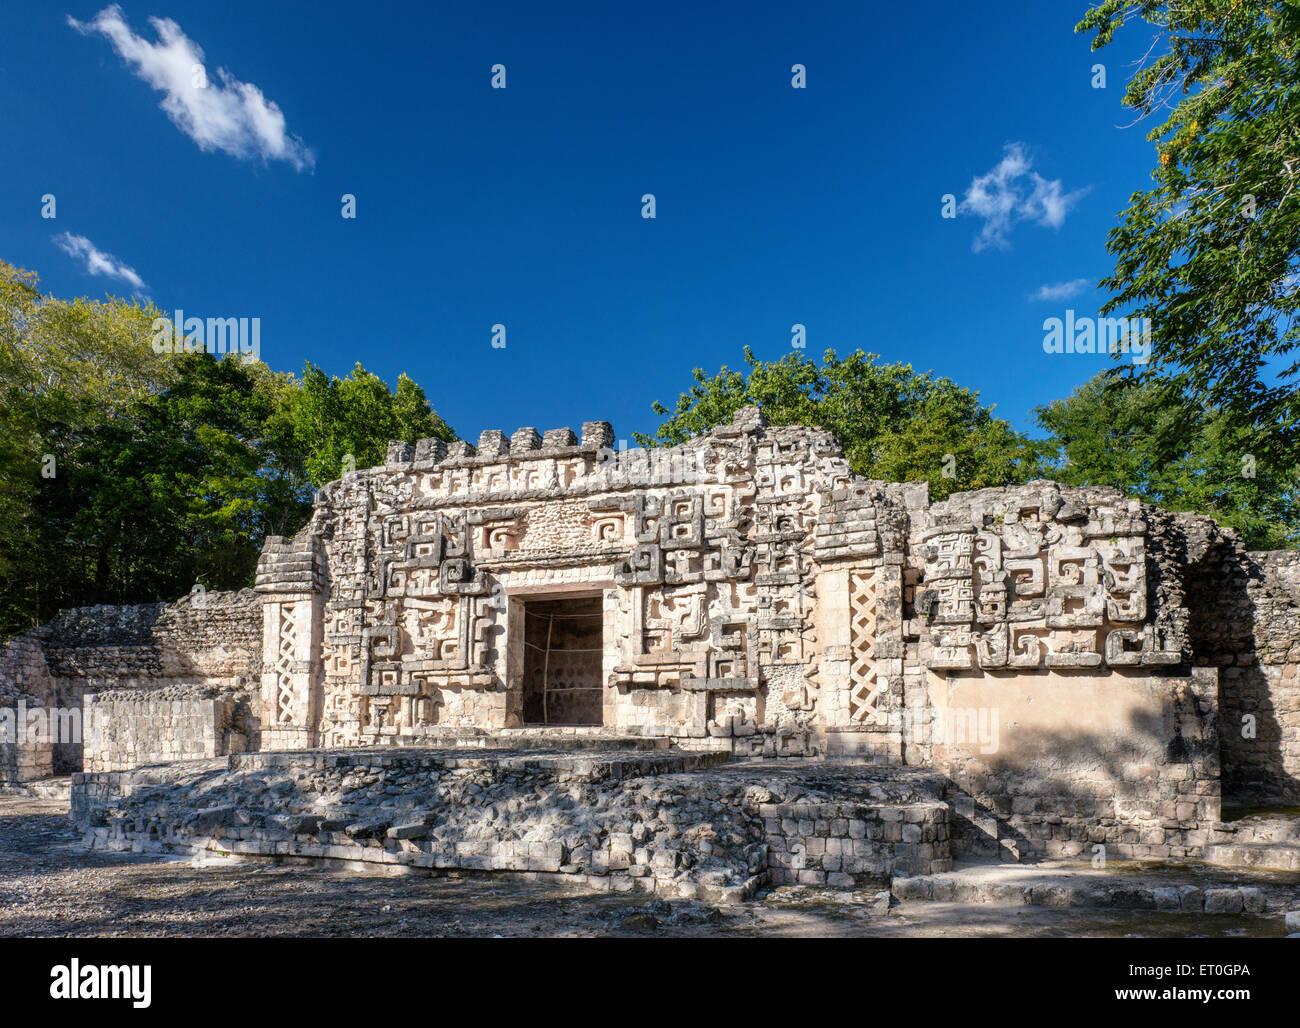 Monster Mouth entrance at Palacio Principal, Maya ruins at Hochob archaeological site, near Chencoh, Campeche, Mexico - Stock Image